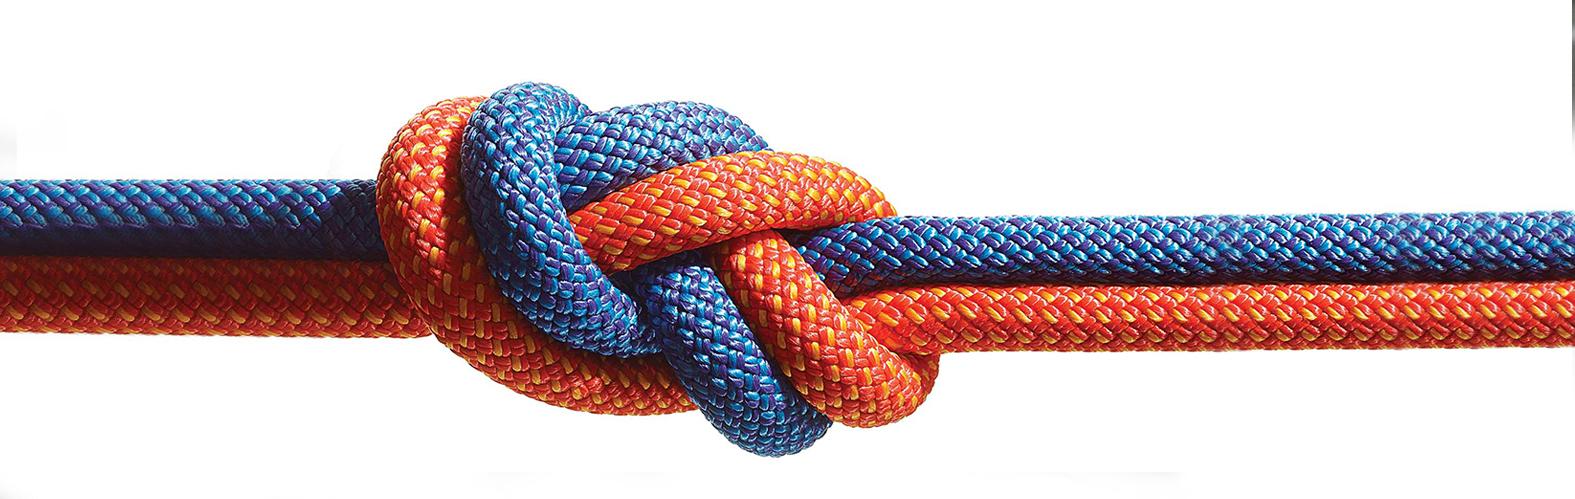 طناب اسکن سه بعدی